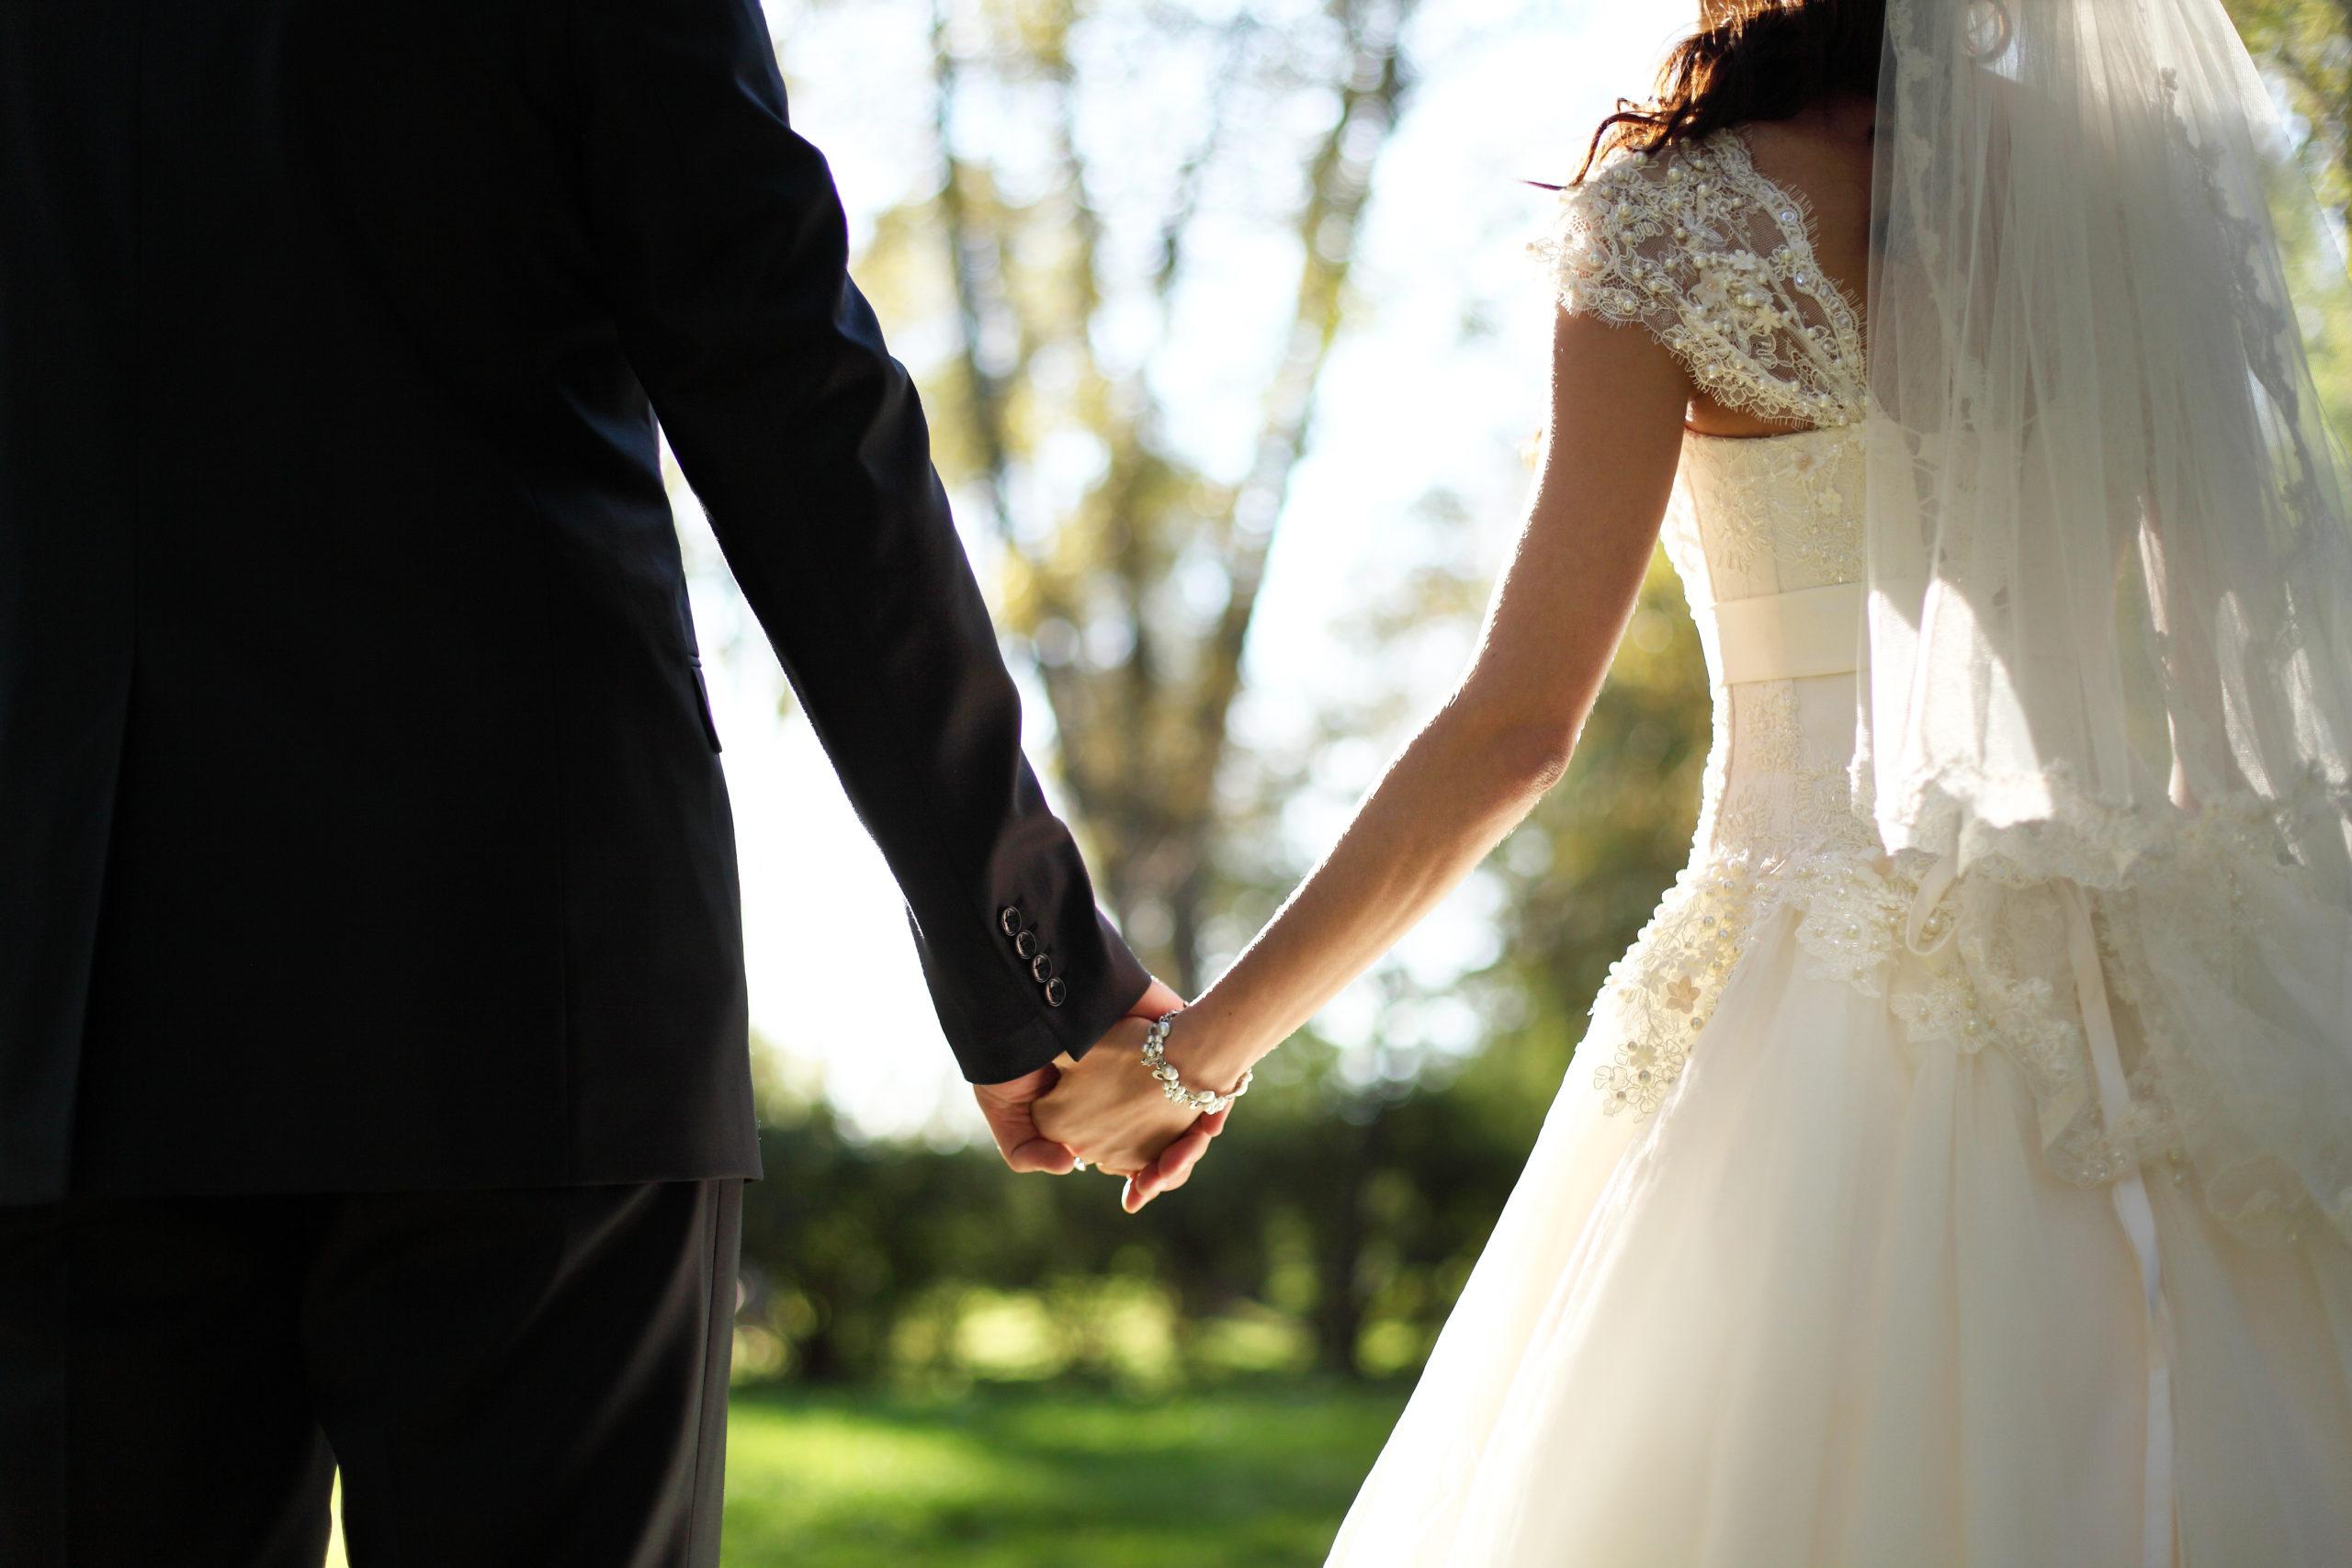 wedding-theme-holding-hands-newlyweds-133378736